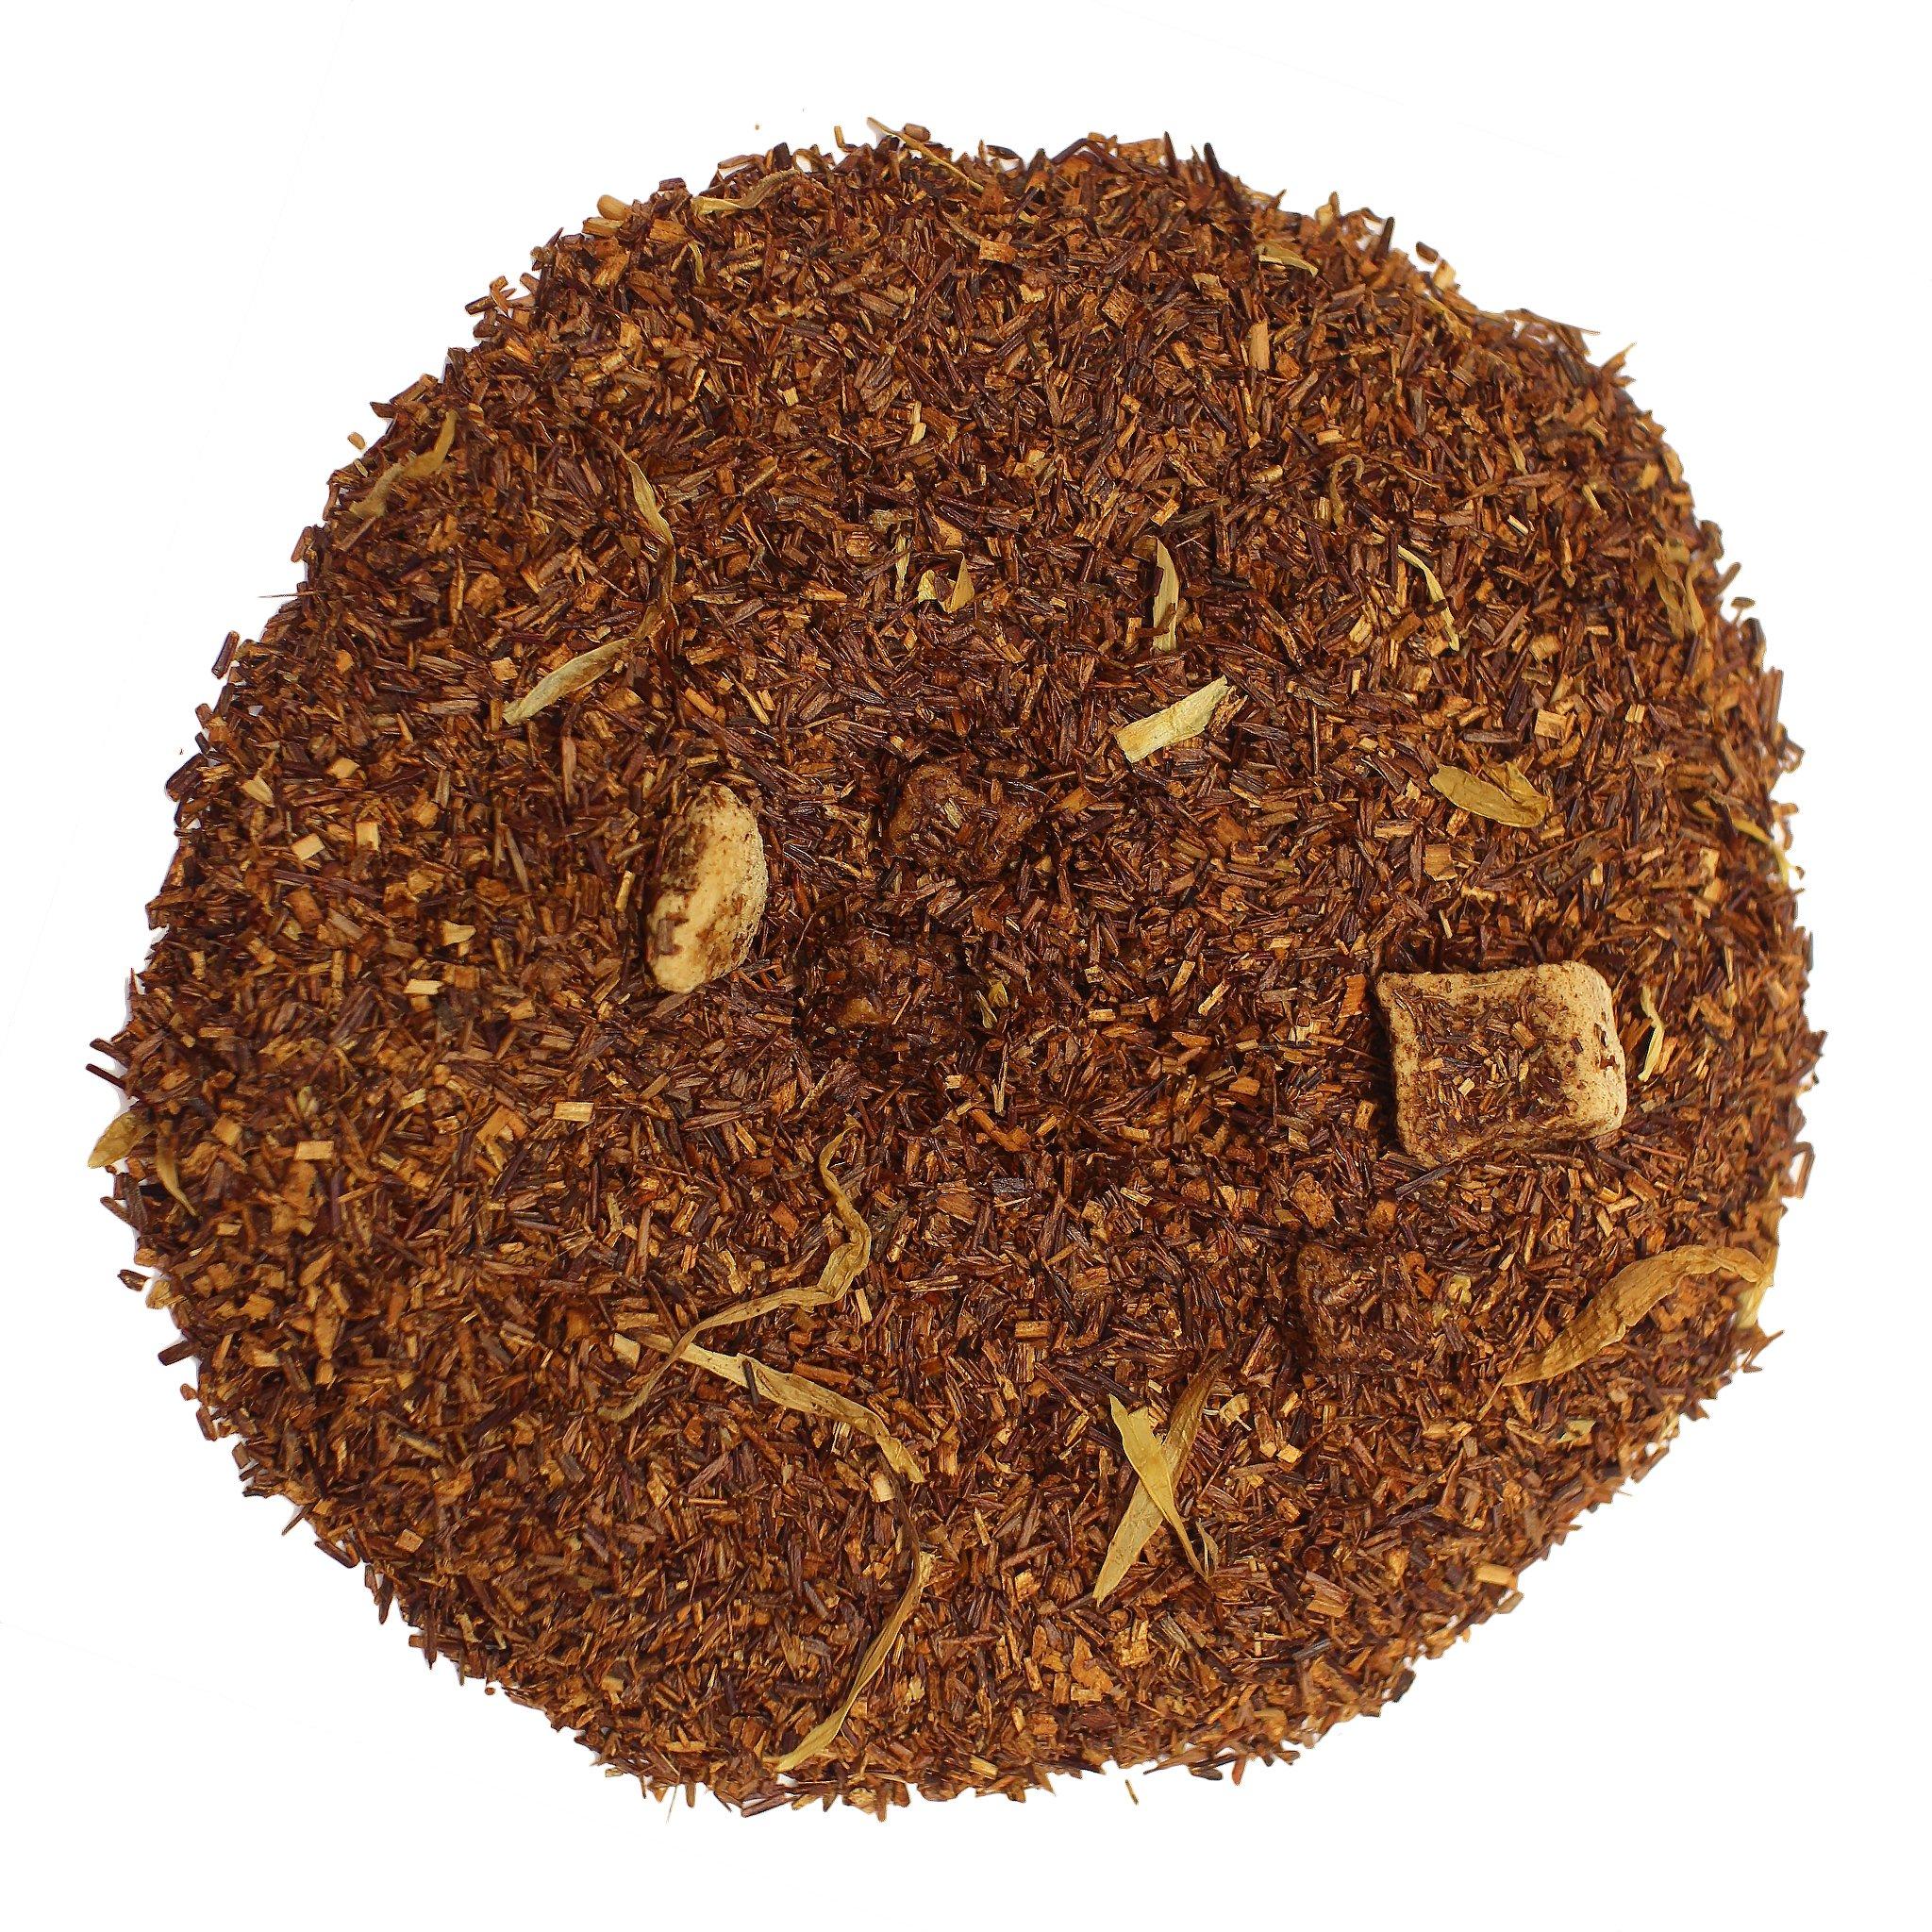 The Tea Farm - Mango Rooibos Herbal Fruit Tea - African Loose Herbal Tea (16 Ounce Bag) by The Tea Farm